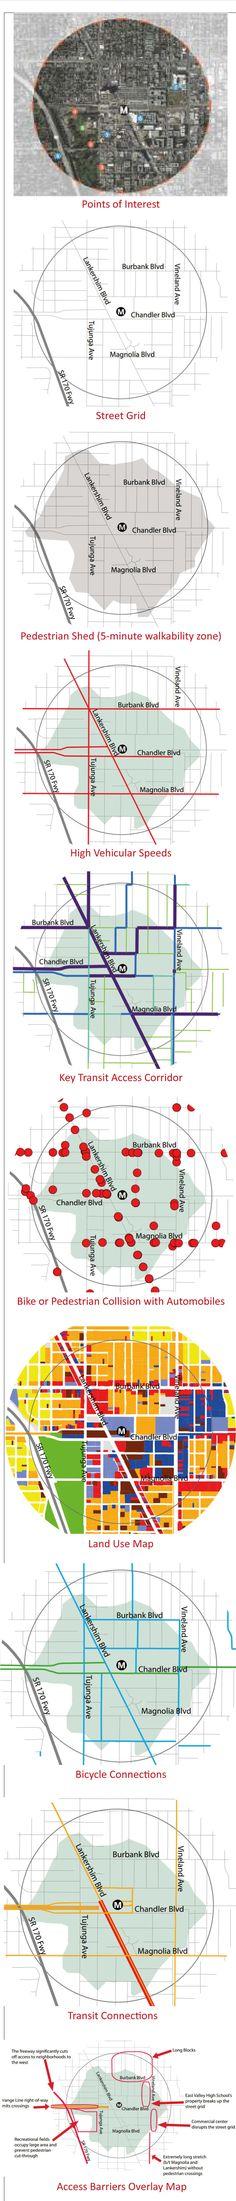 A Wonderful Transit Study from LA Metro